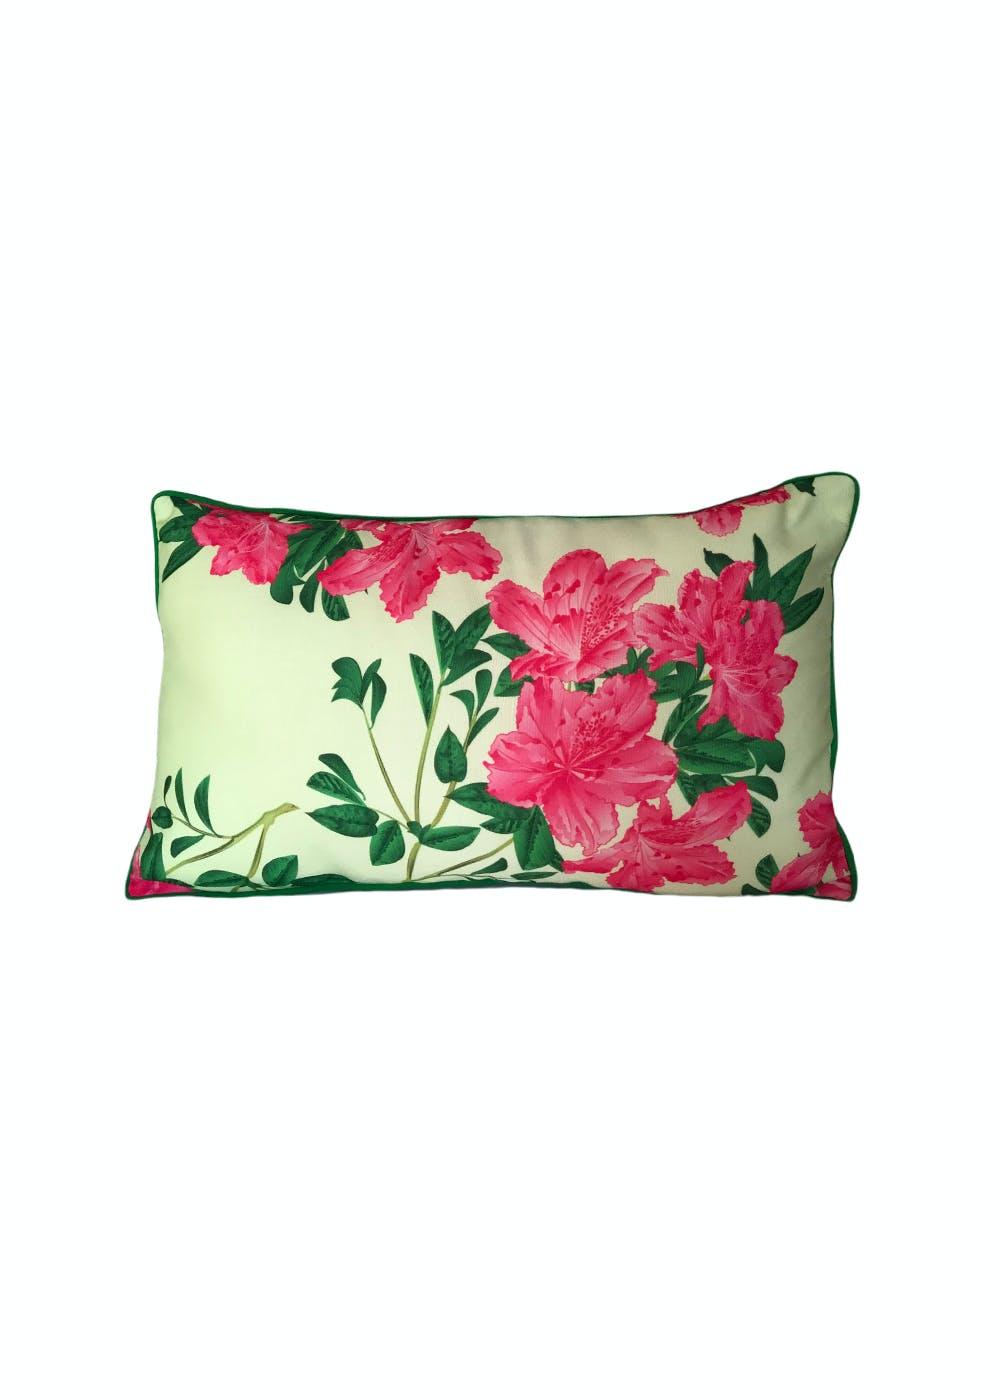 Guras Lumbar Pillow Cover Fuchsia - 12x21 inches